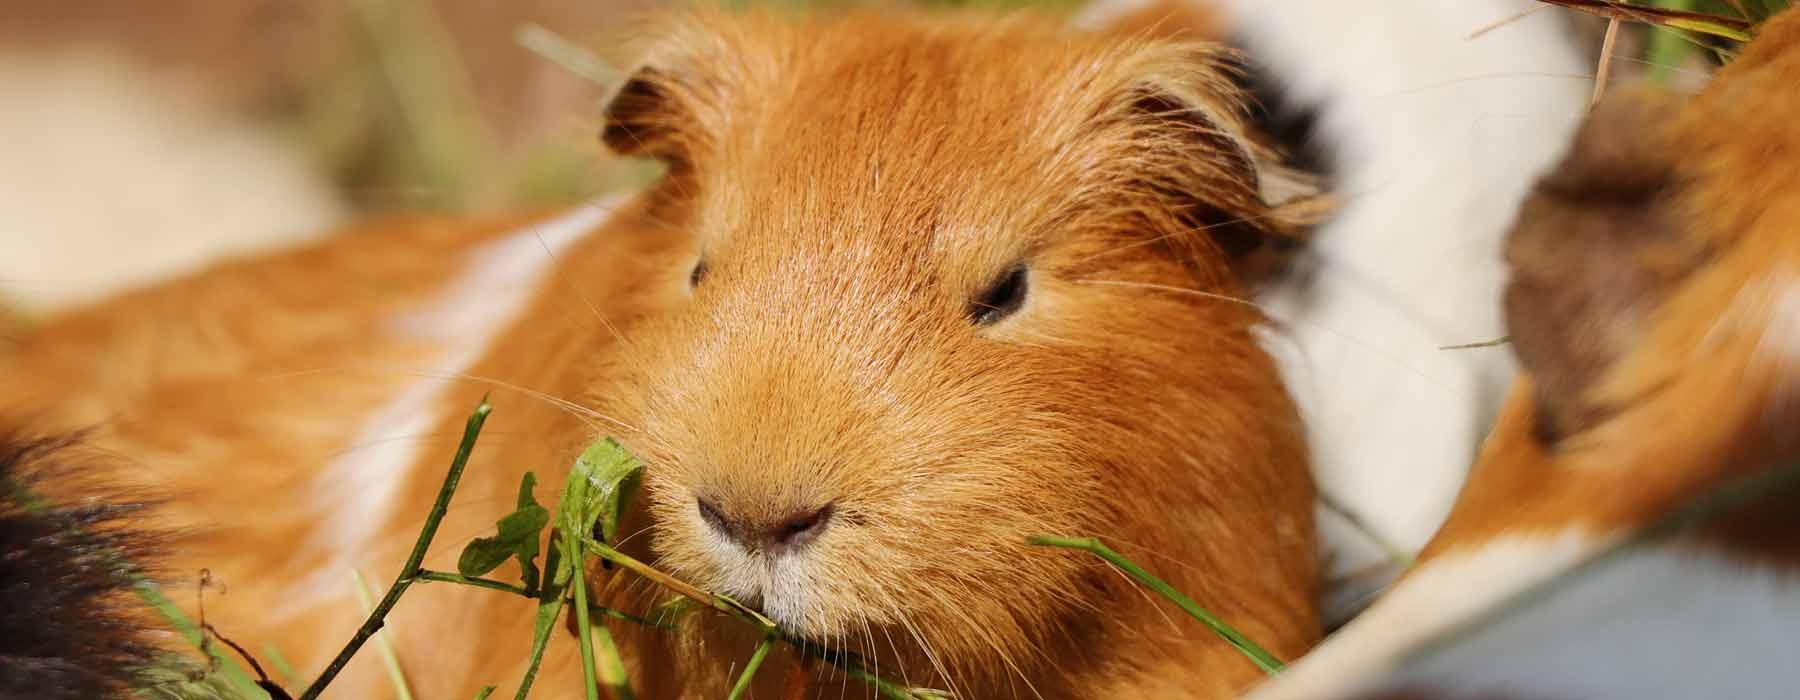 ginger guinea pig eating herbs